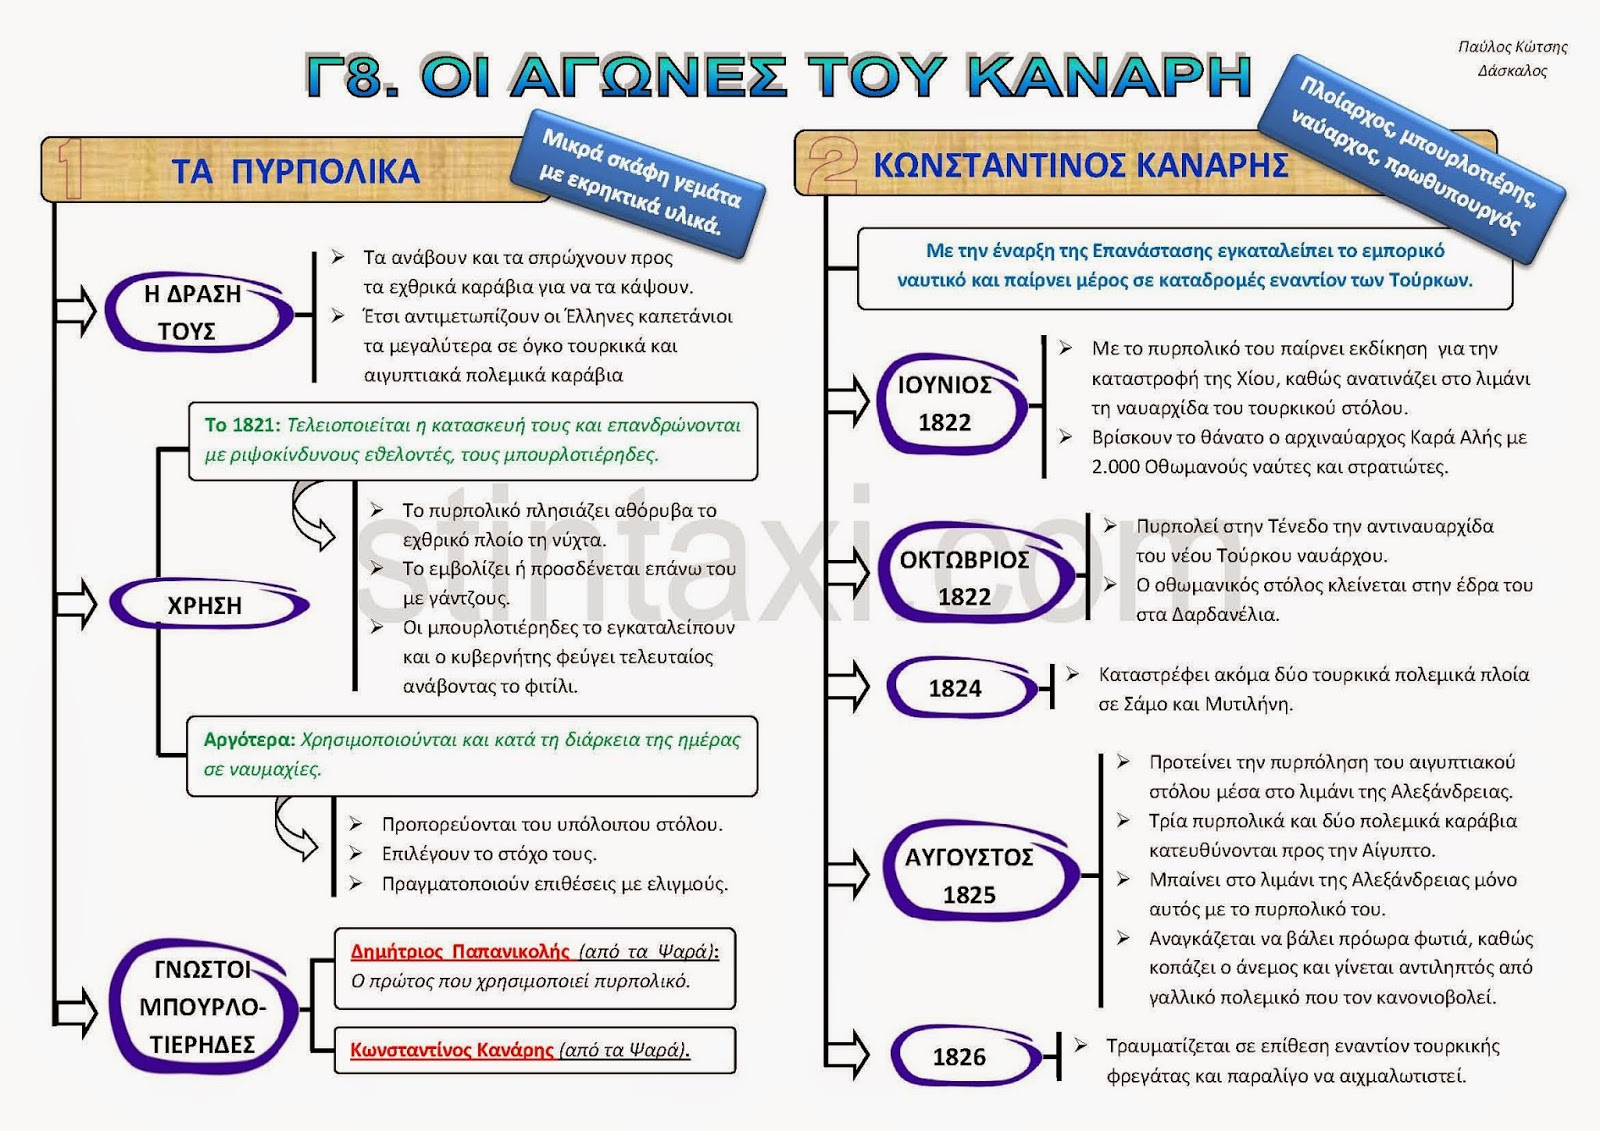 http://www.stintaxi.com/uploads/1/3/1/0/13100858/c8-agones-kanari-v2.1.pdf